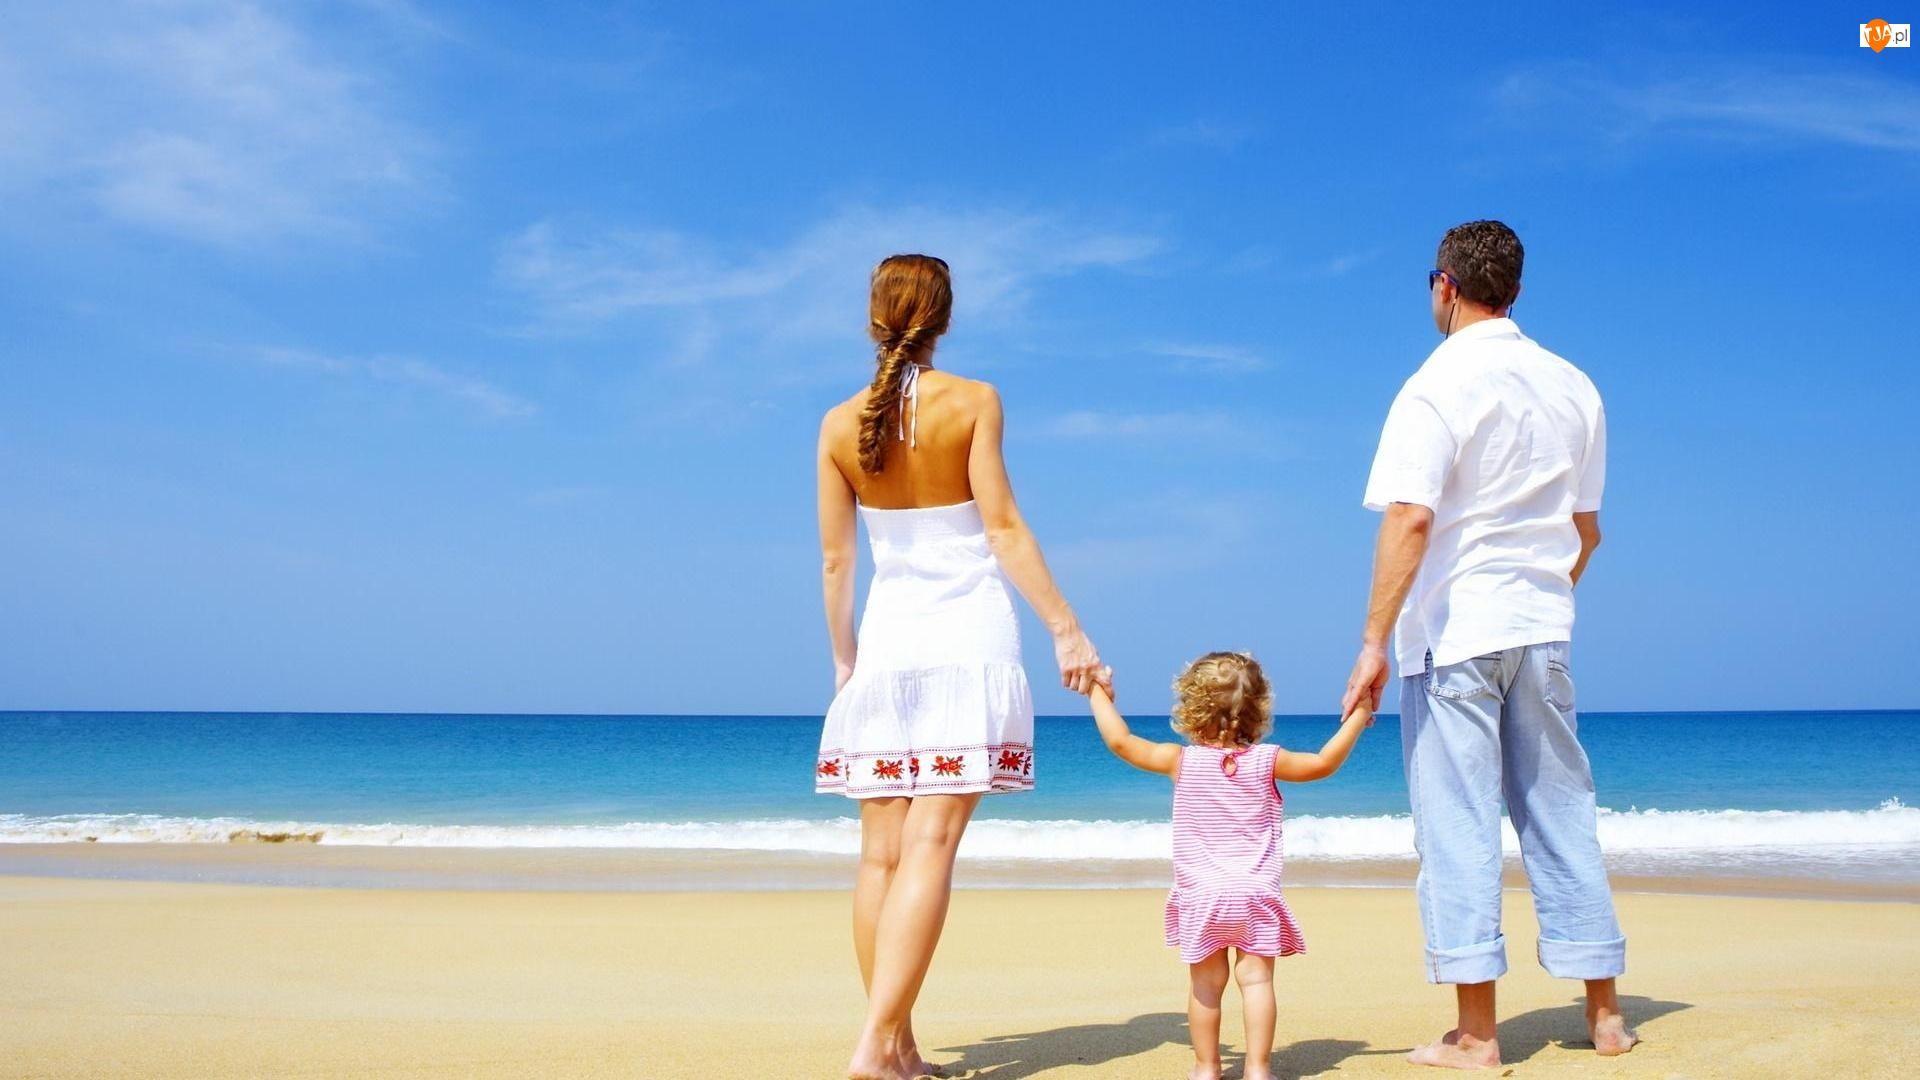 Plaża, Kobieta, Dziecko, Mężczyzna, Morze